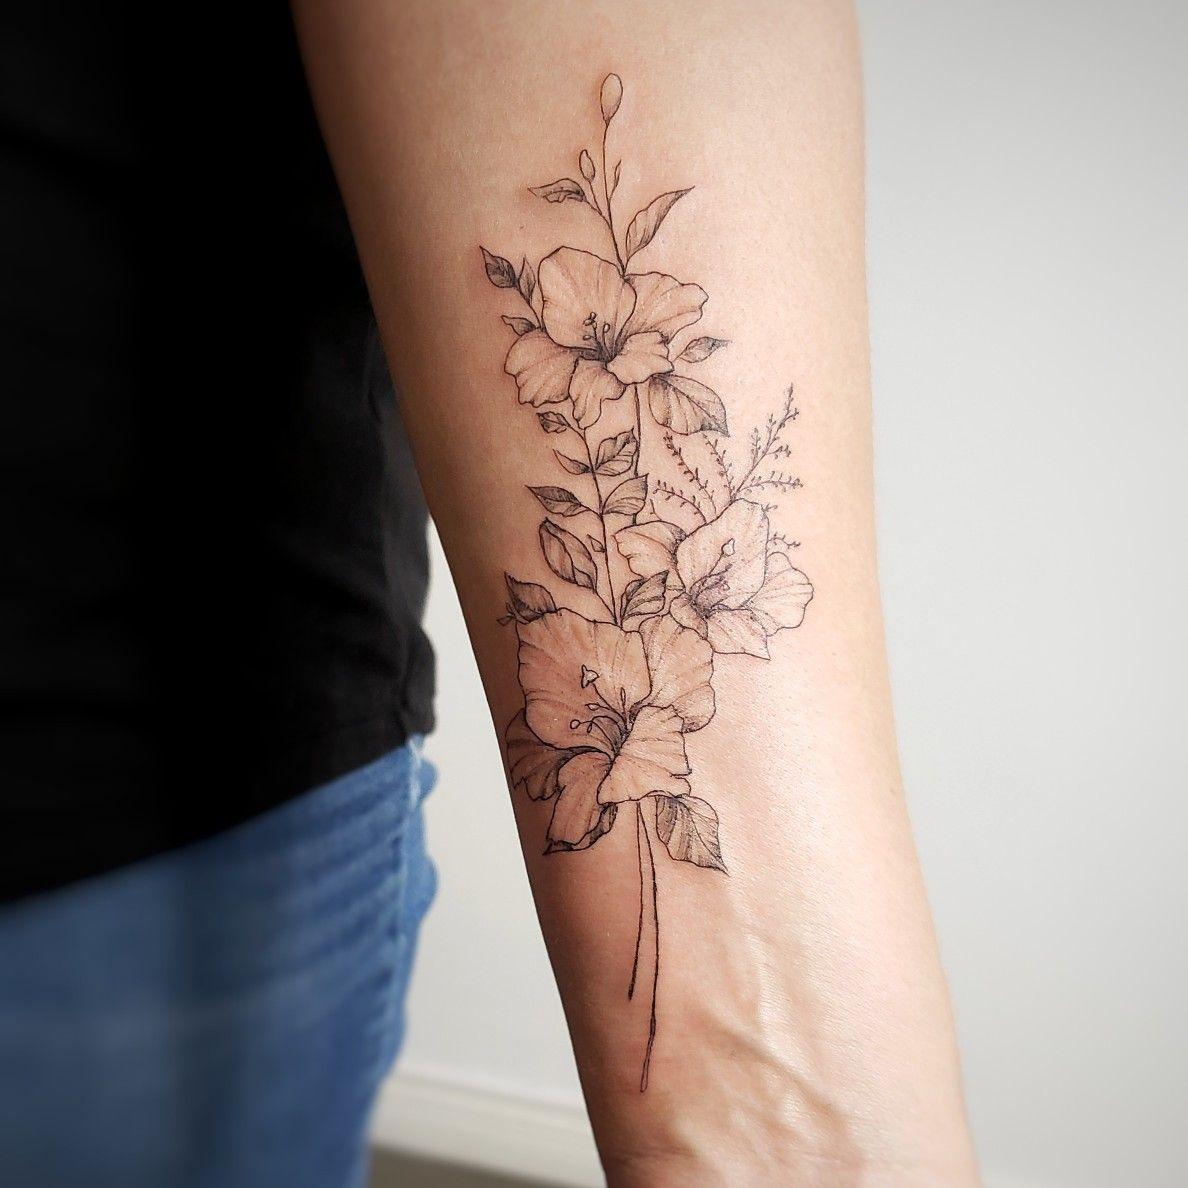 Gladiolus tattoo floral arm tattoo forearm flower